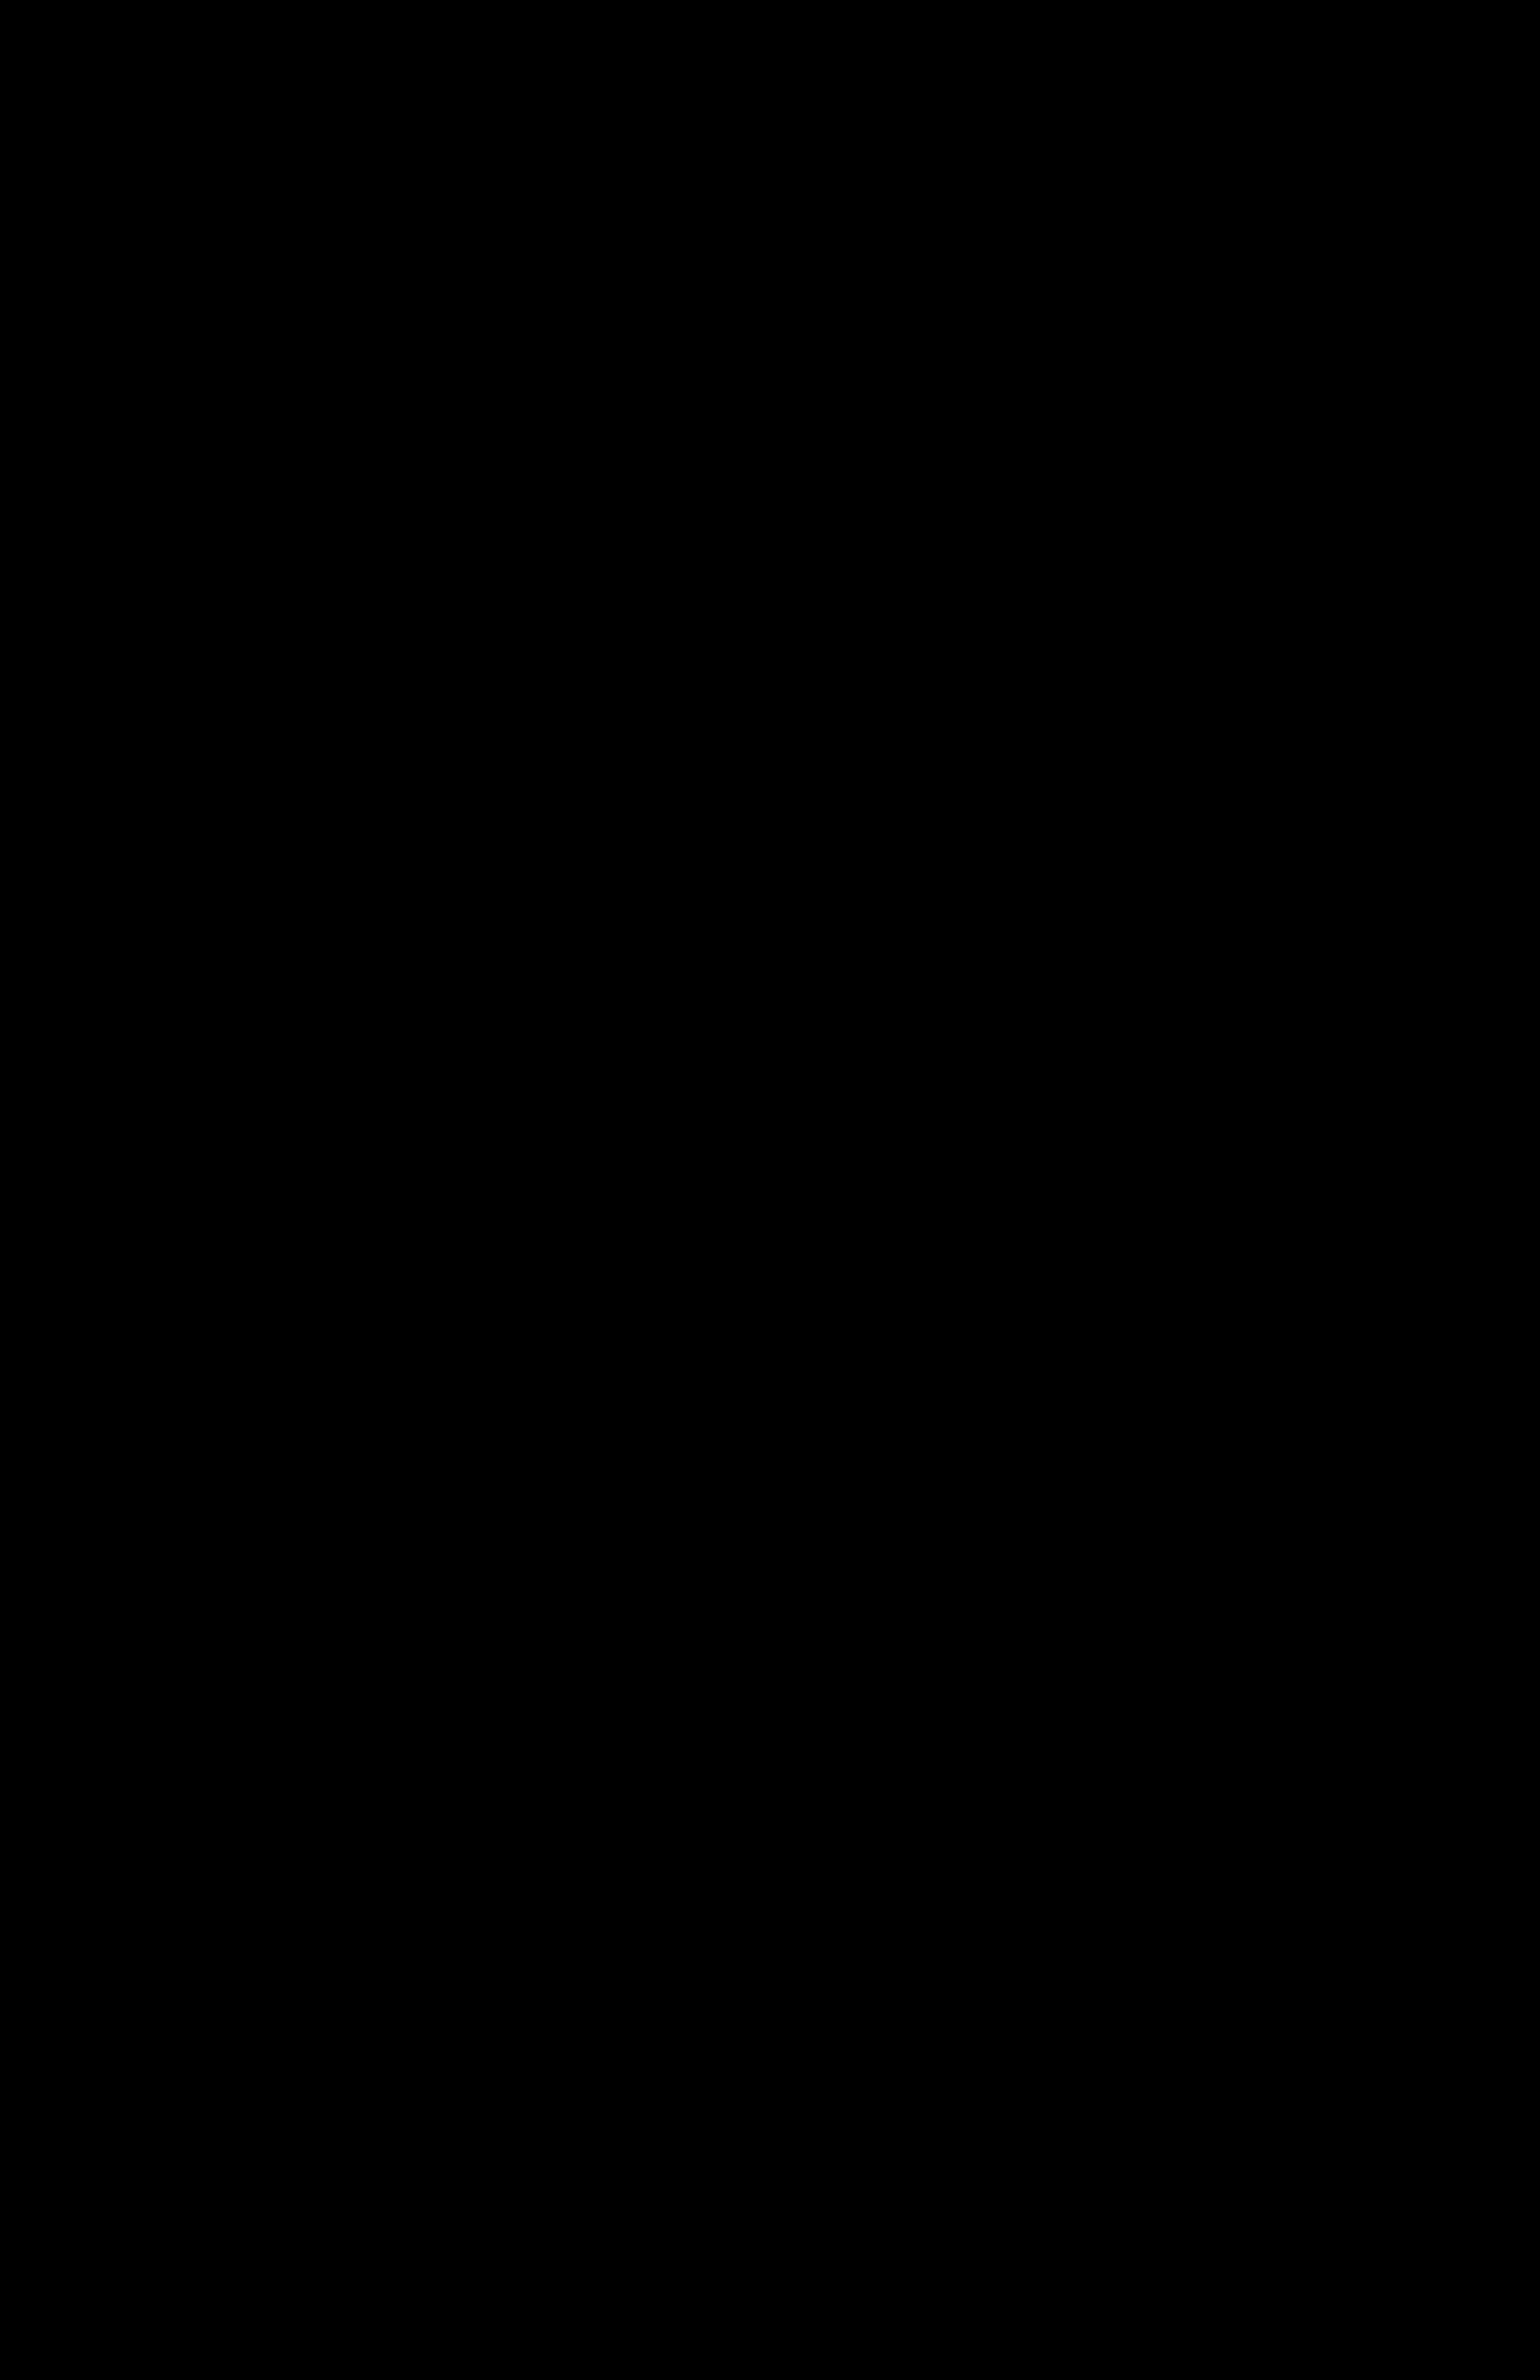 Harshberger 1913 Map Everglades | Jacqui Thurlow-Lippisch